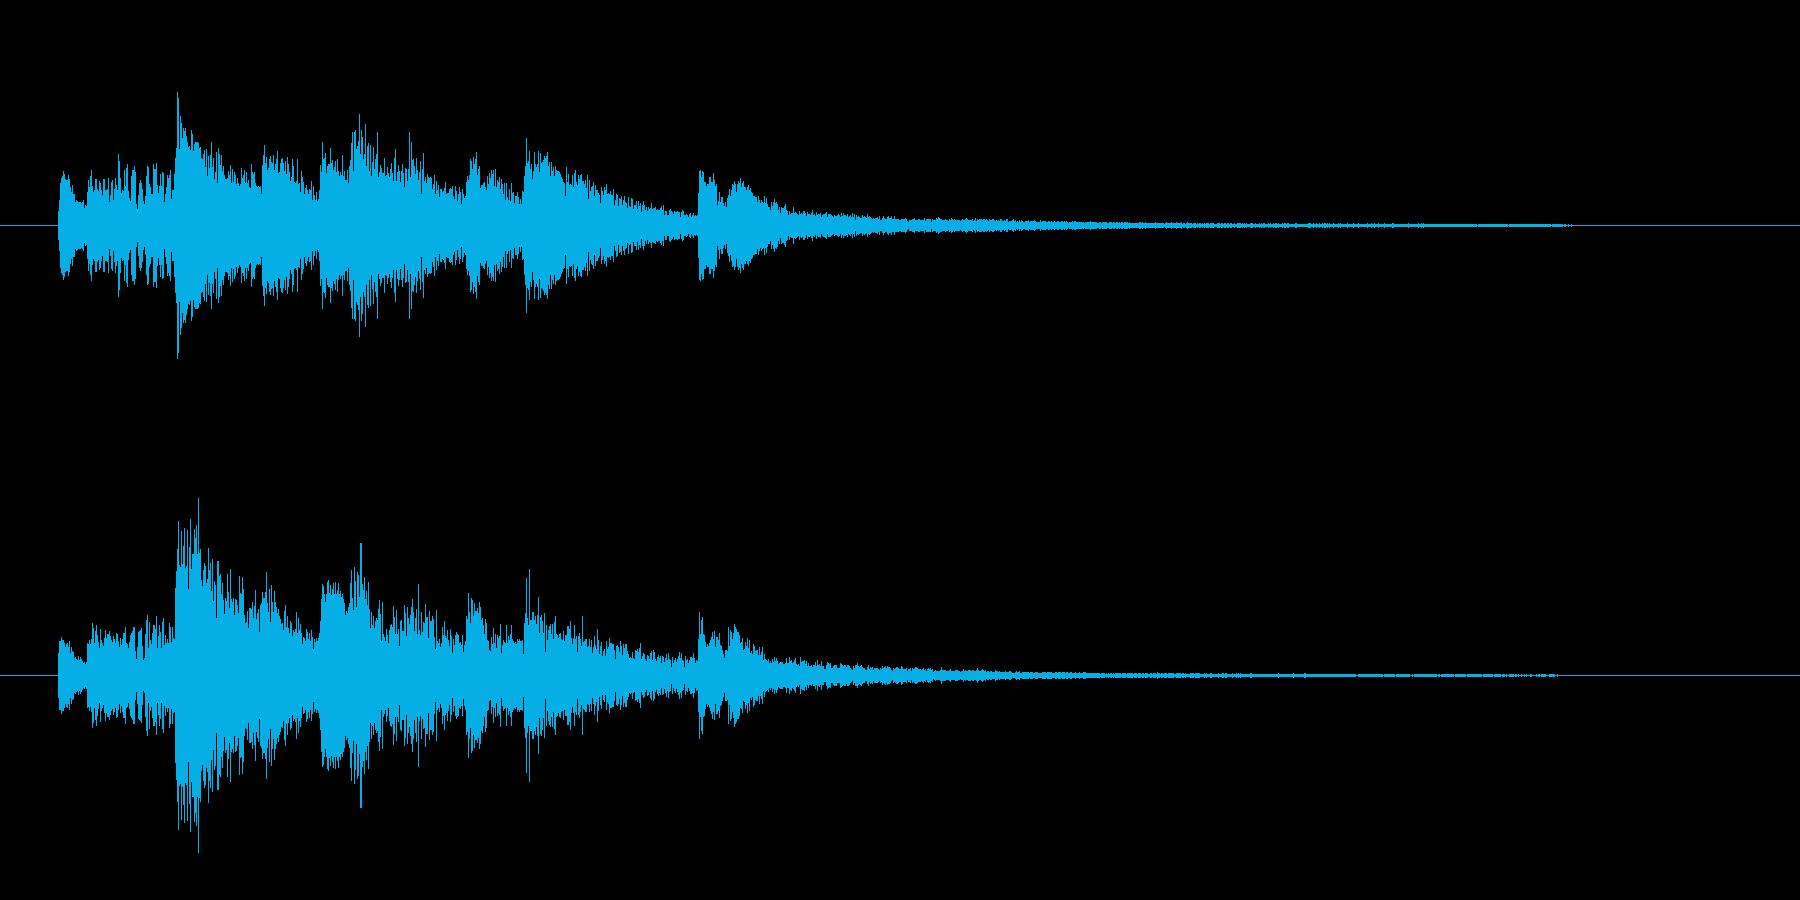 ジングル:TECH系・IT系01の再生済みの波形